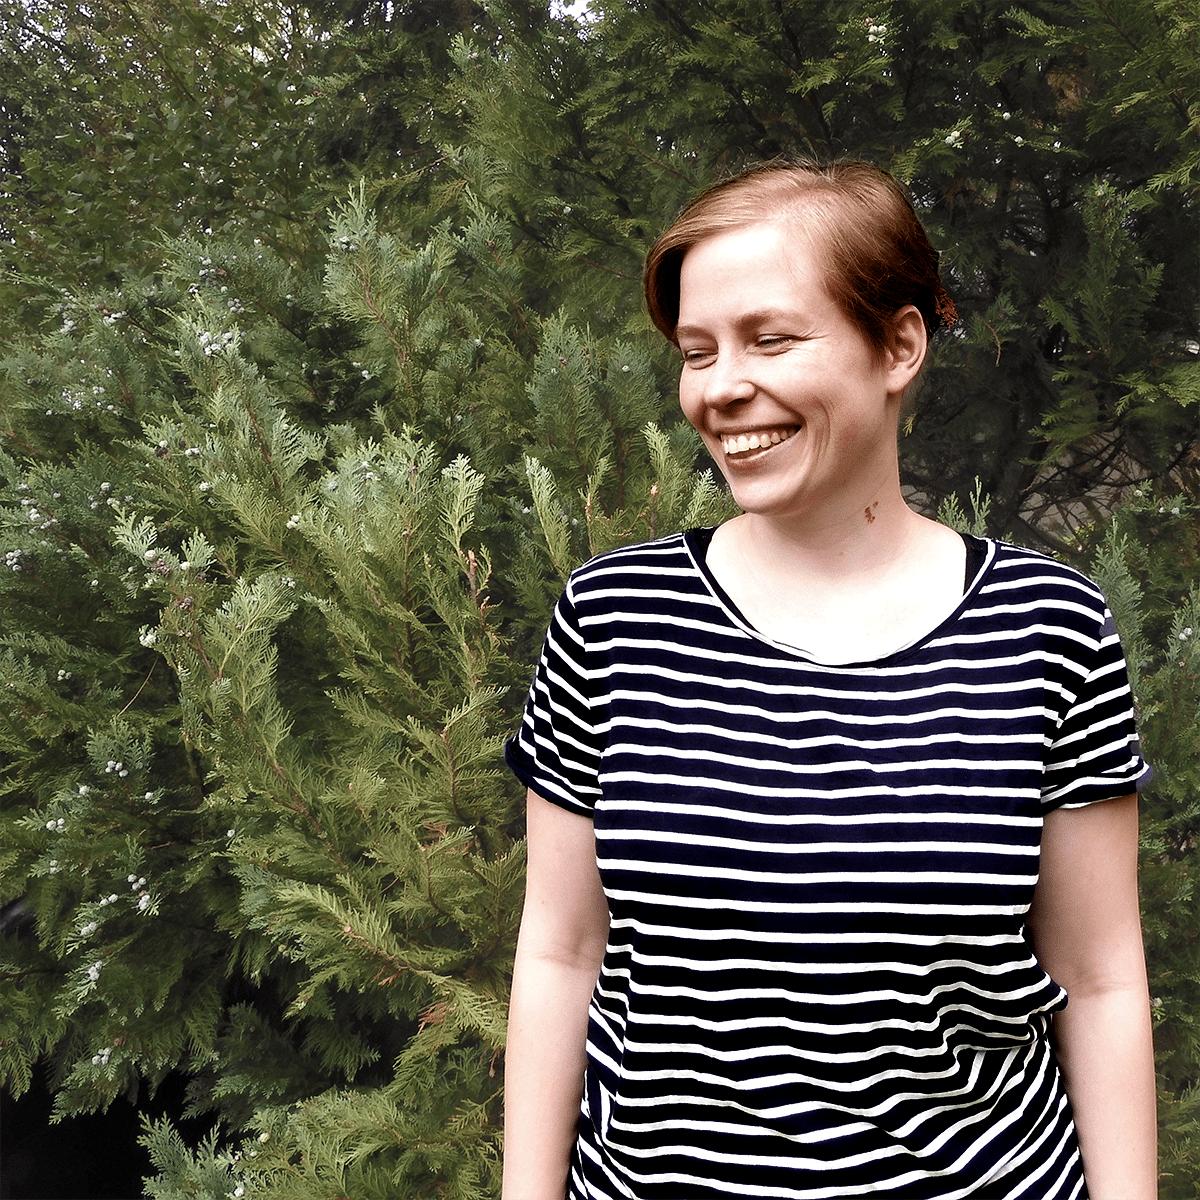 Portrait der Künstlerin Eliza Roth auf Kombinat Lump